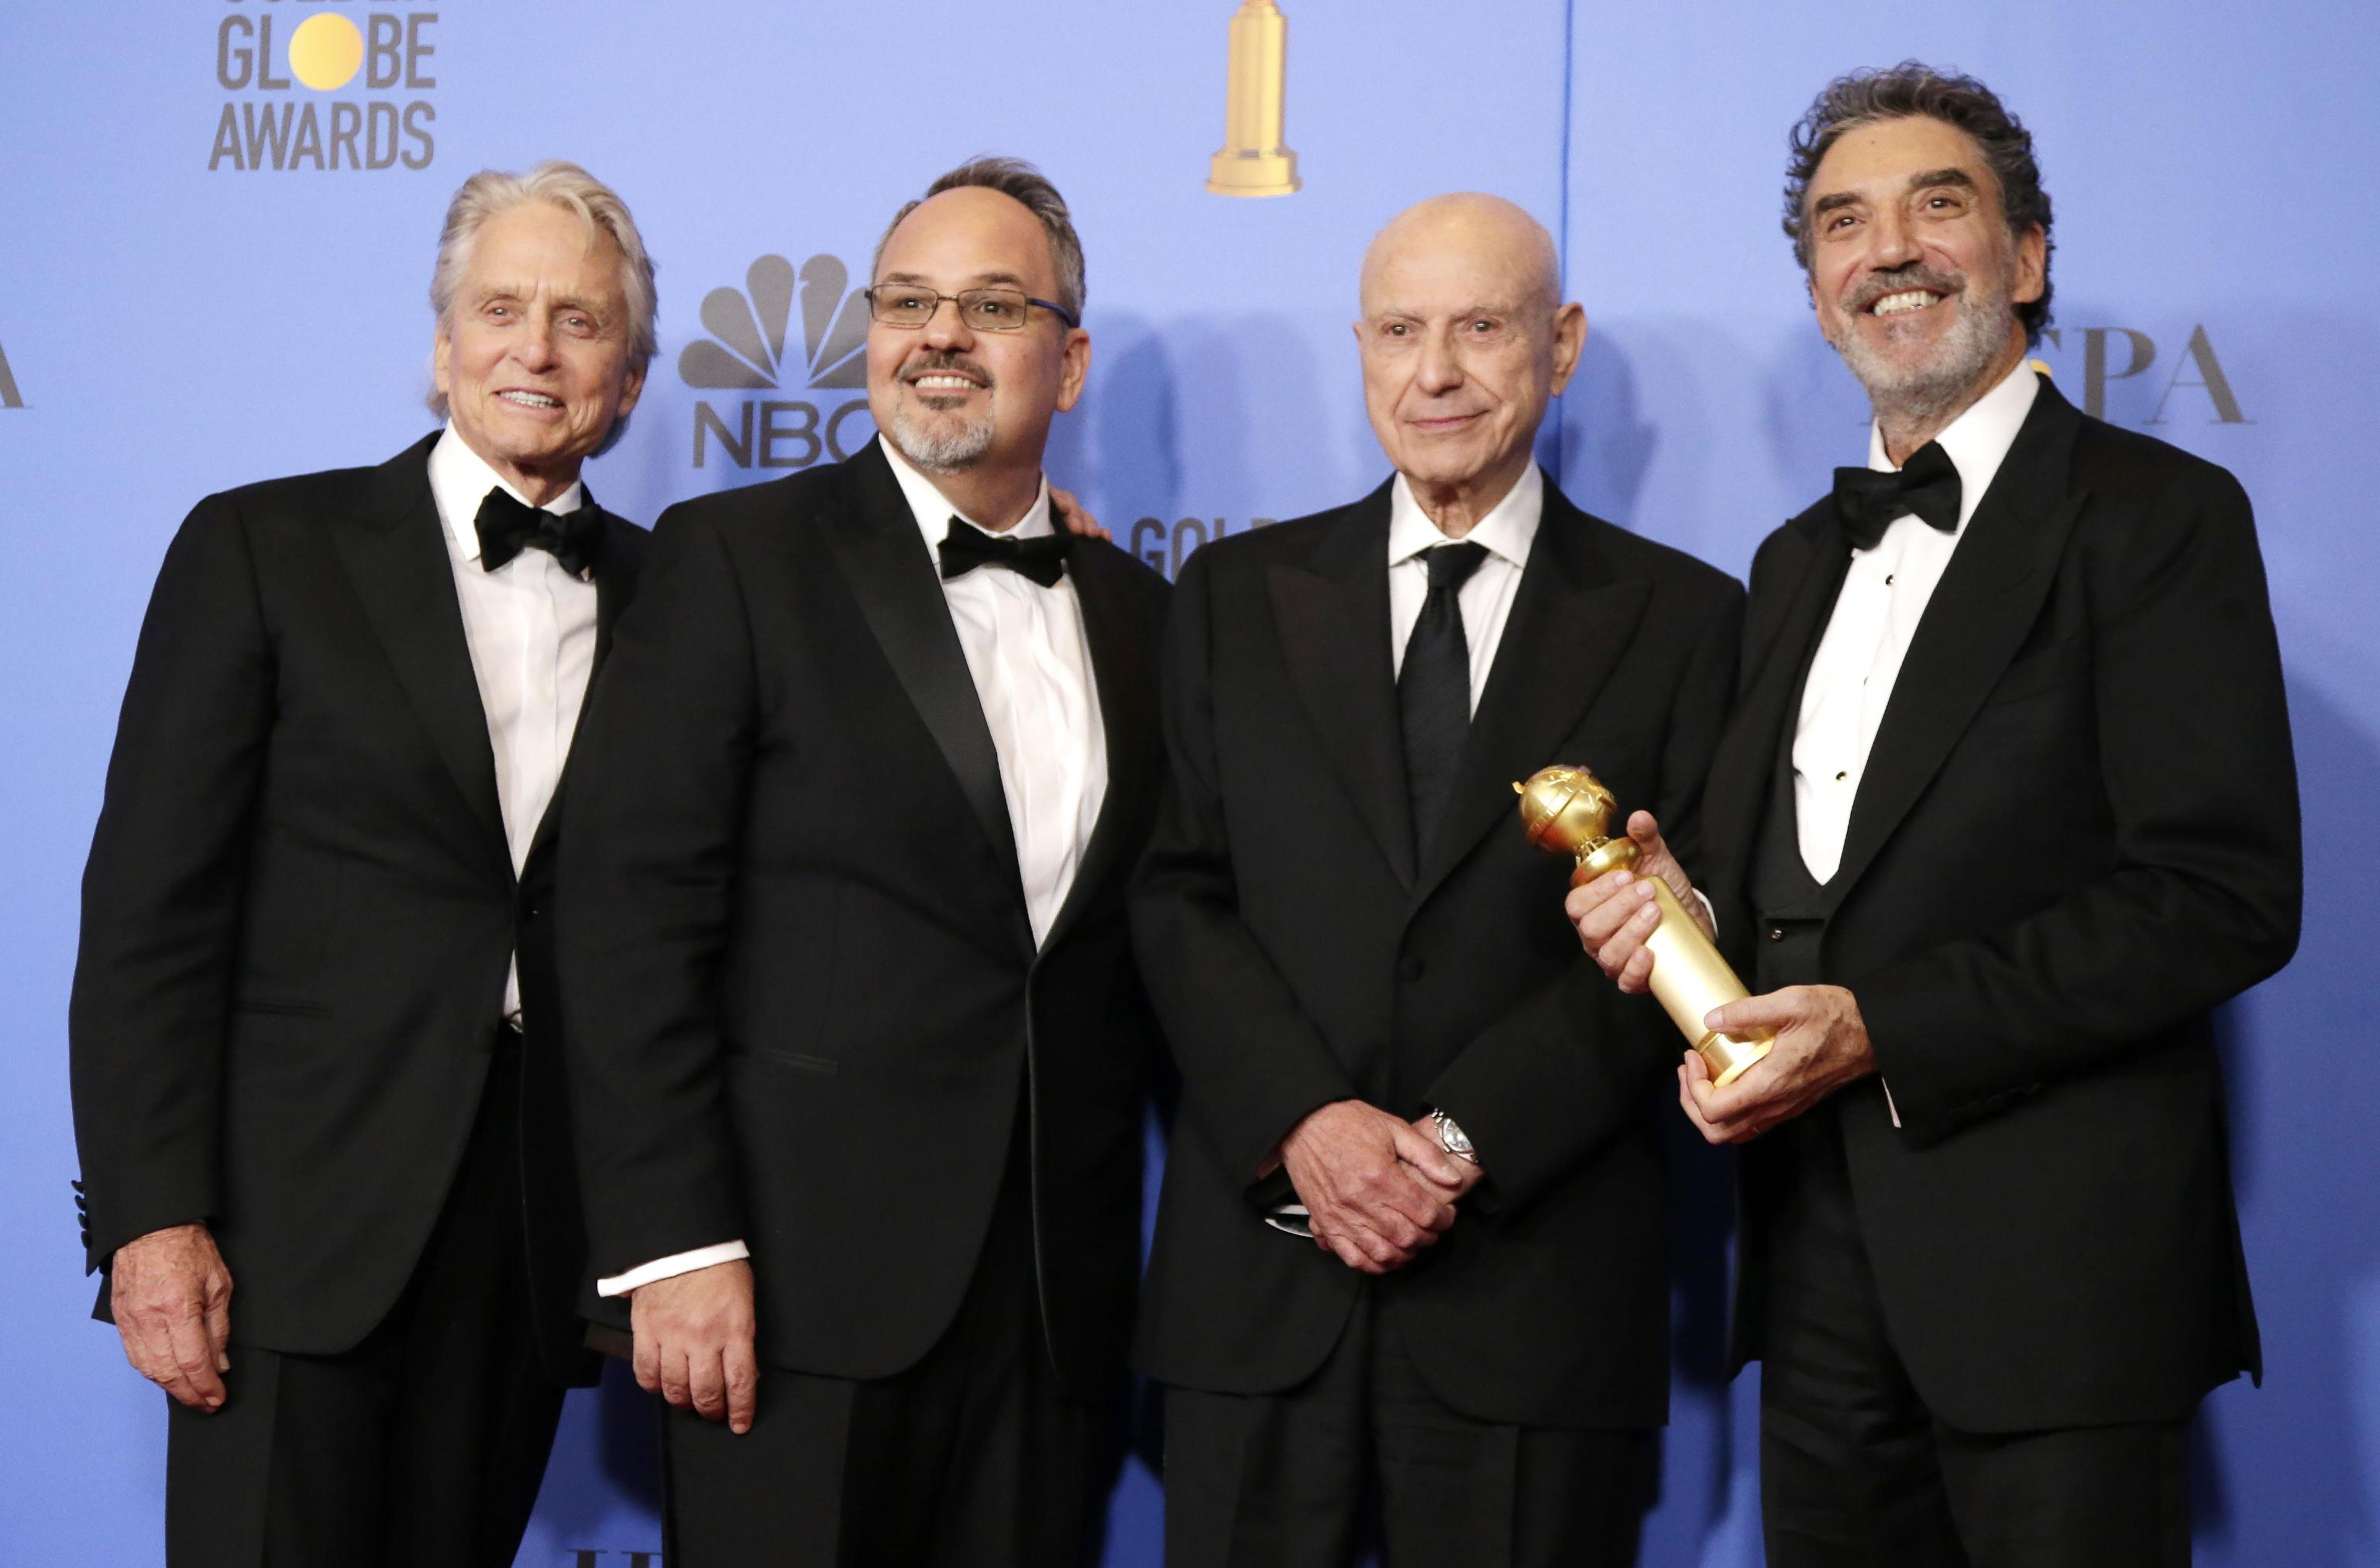 'Il metodo Kominsky' ha vinto il premio come miglior serie tv comedy, Michael Douglas come miglior attore della categoria